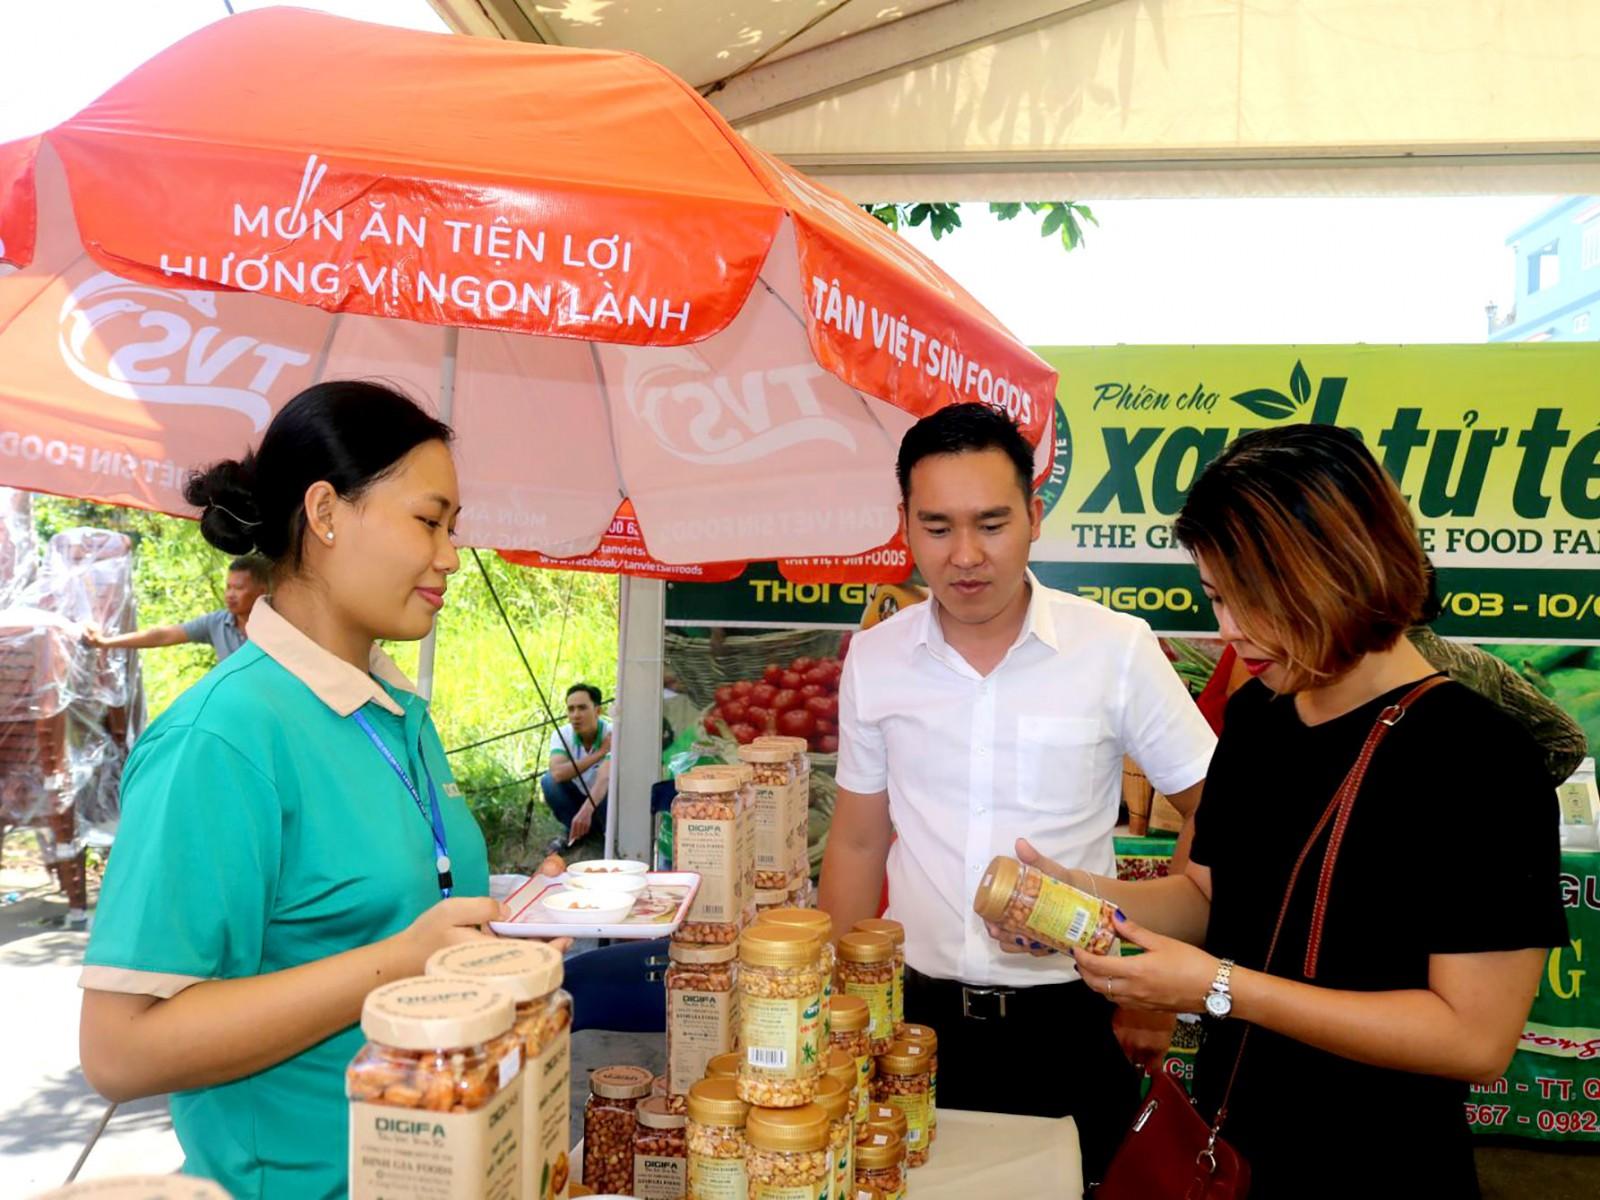 Người tiêu dùng tham quan và mua sắm tại Hội chợ HVNCLC 2019 tổ chức tại tỉnh An Giang. Ảnh: M.HOA